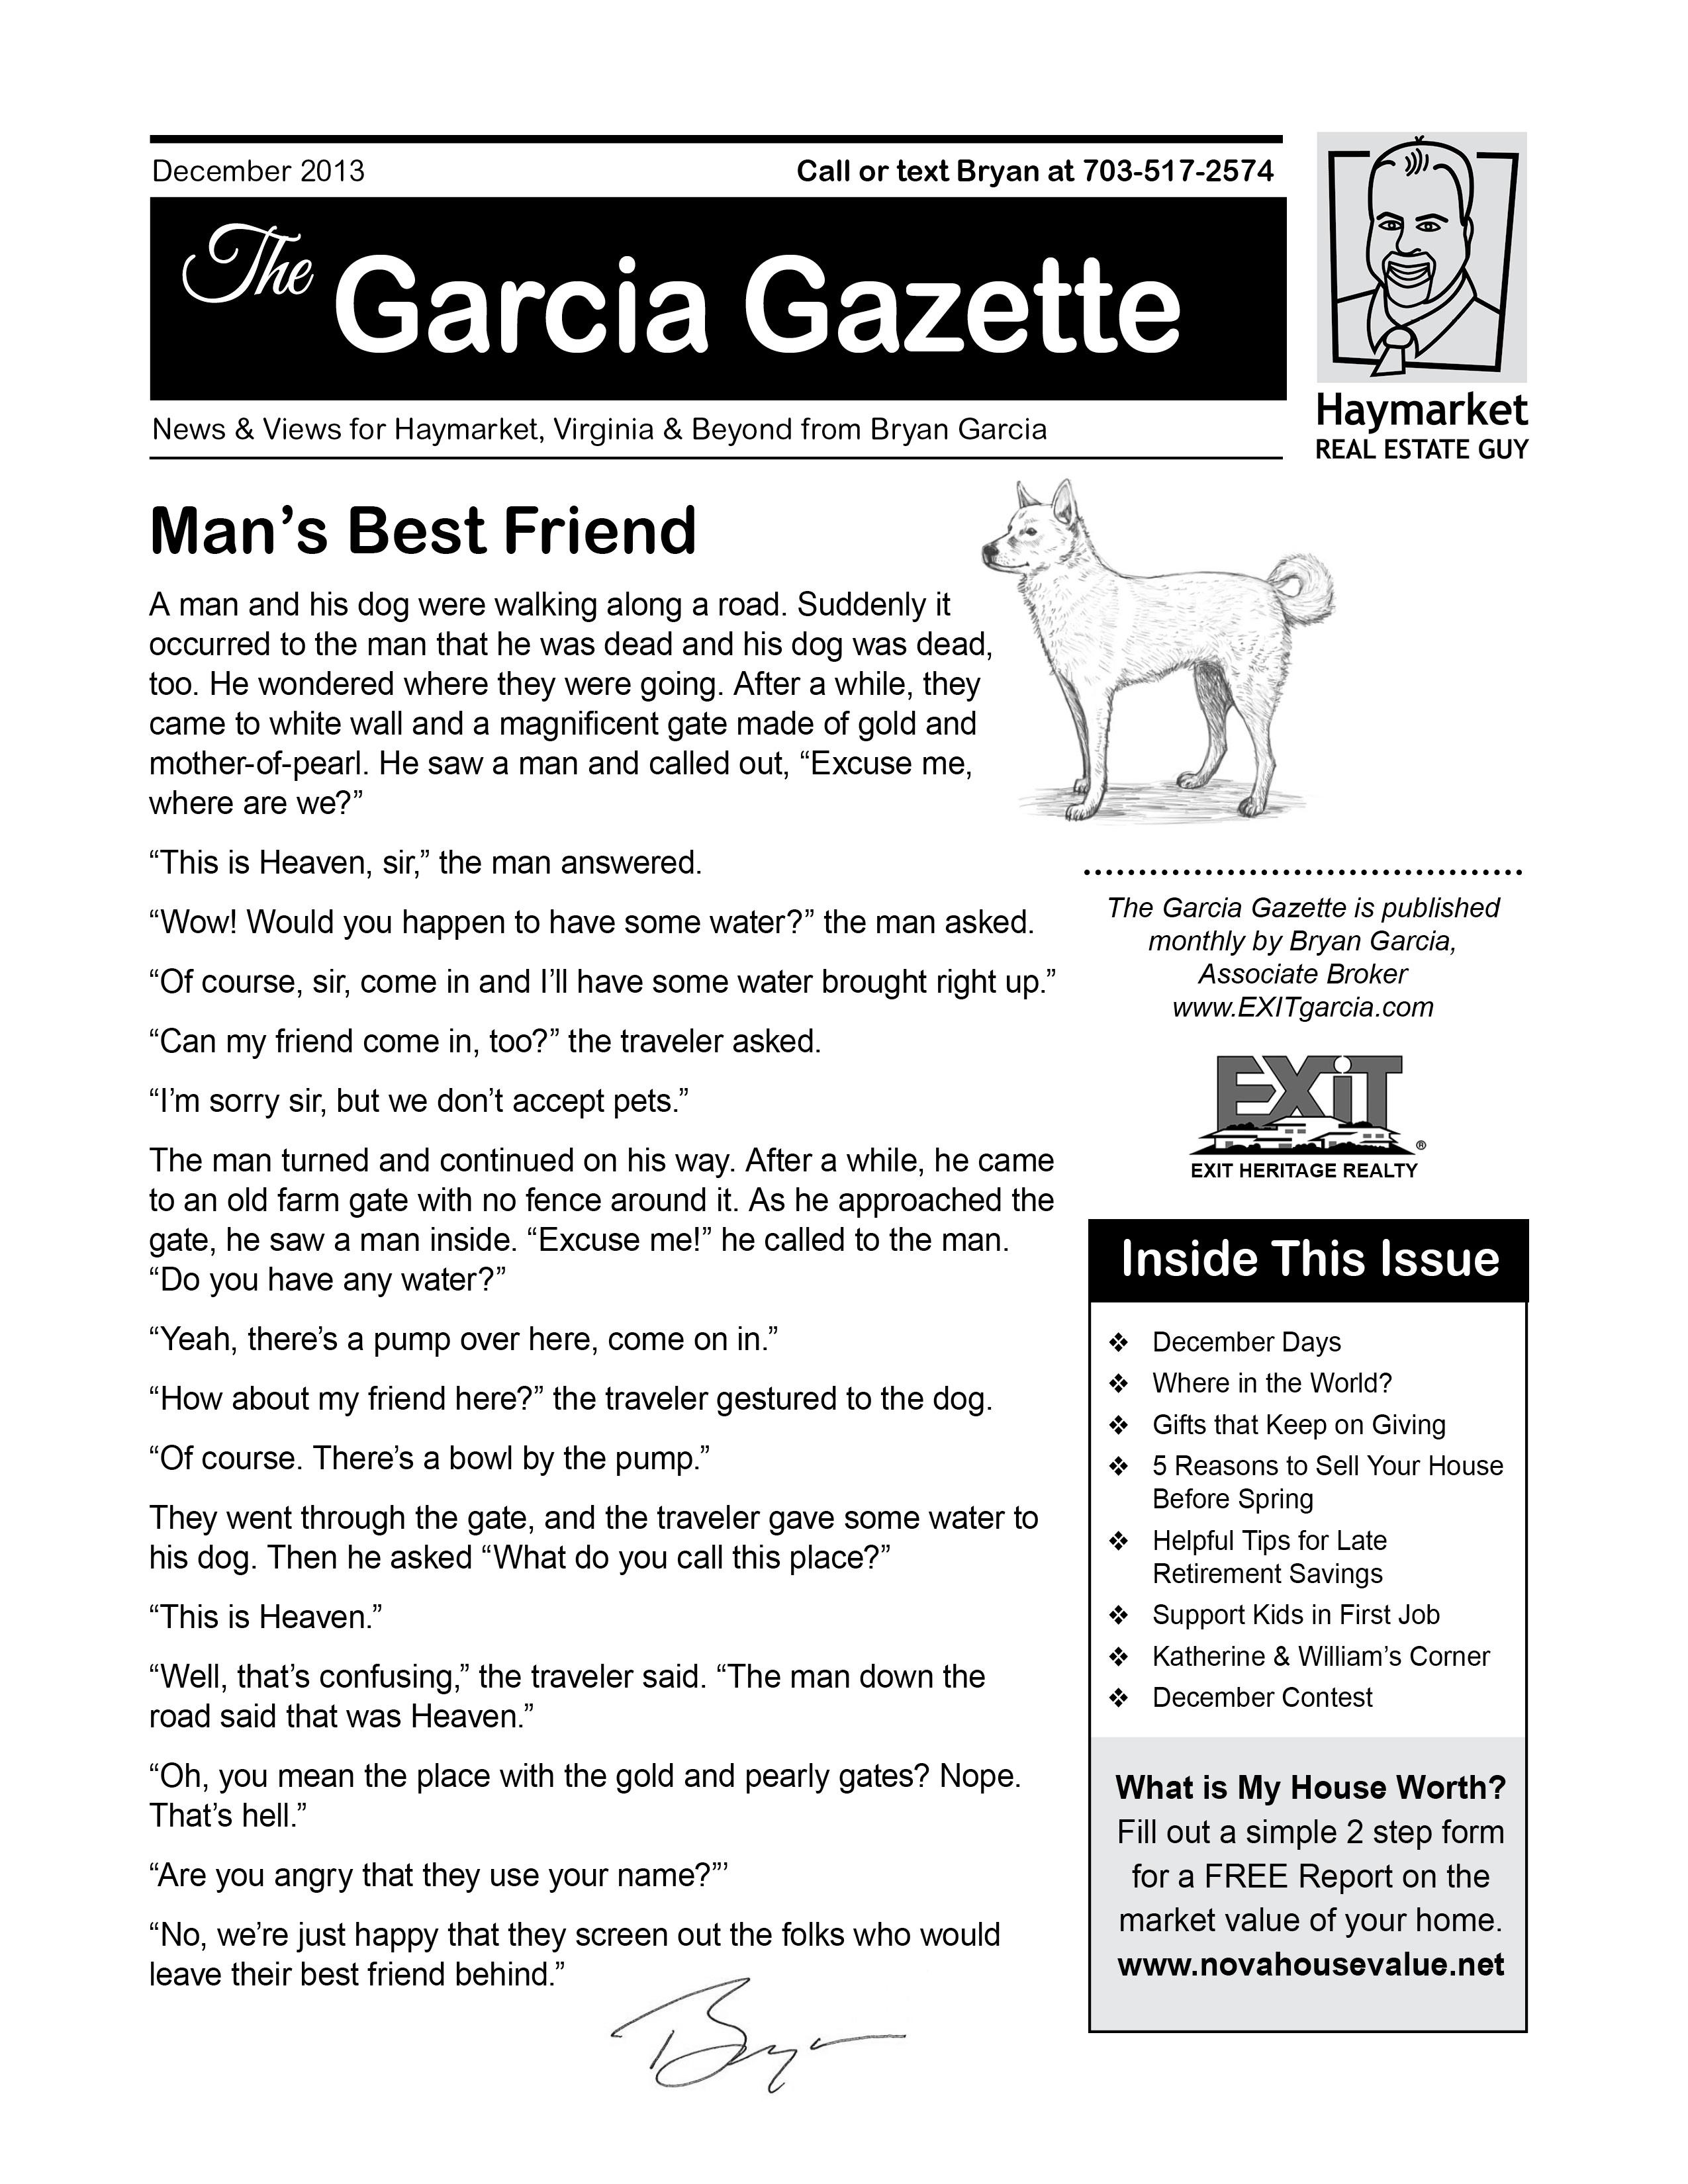 The December 2013 Issue of Garcia Gazette